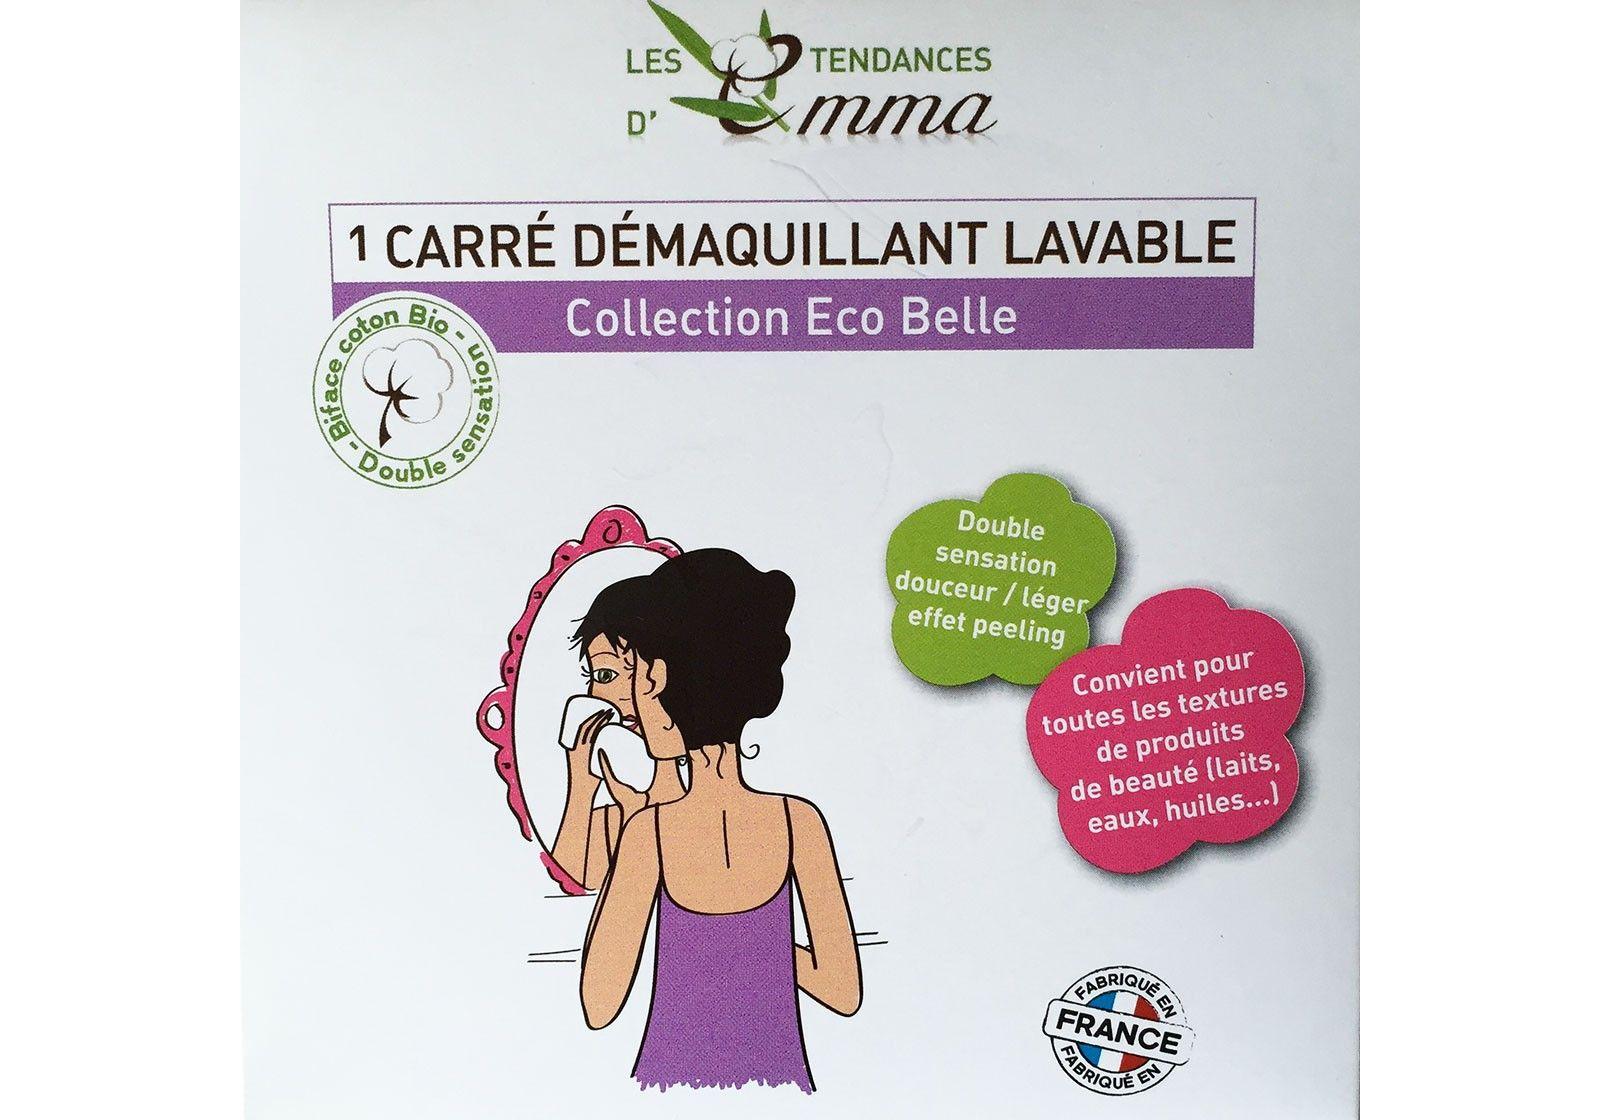 Doux Good - Les Tendances d'Emma - Kit-eco-belle-boite - dischi struccanti carrè demaquillant lavable